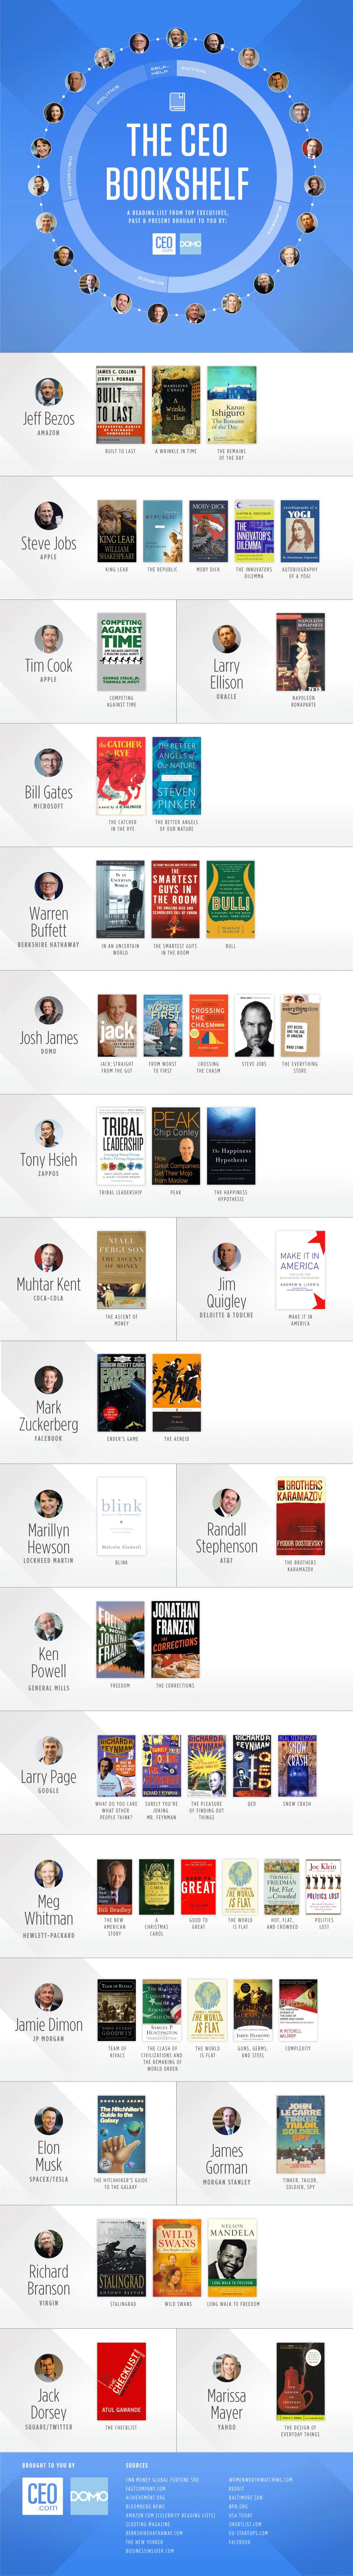 22 Top CEOs Reveal Their Favorite Books | Inc.com